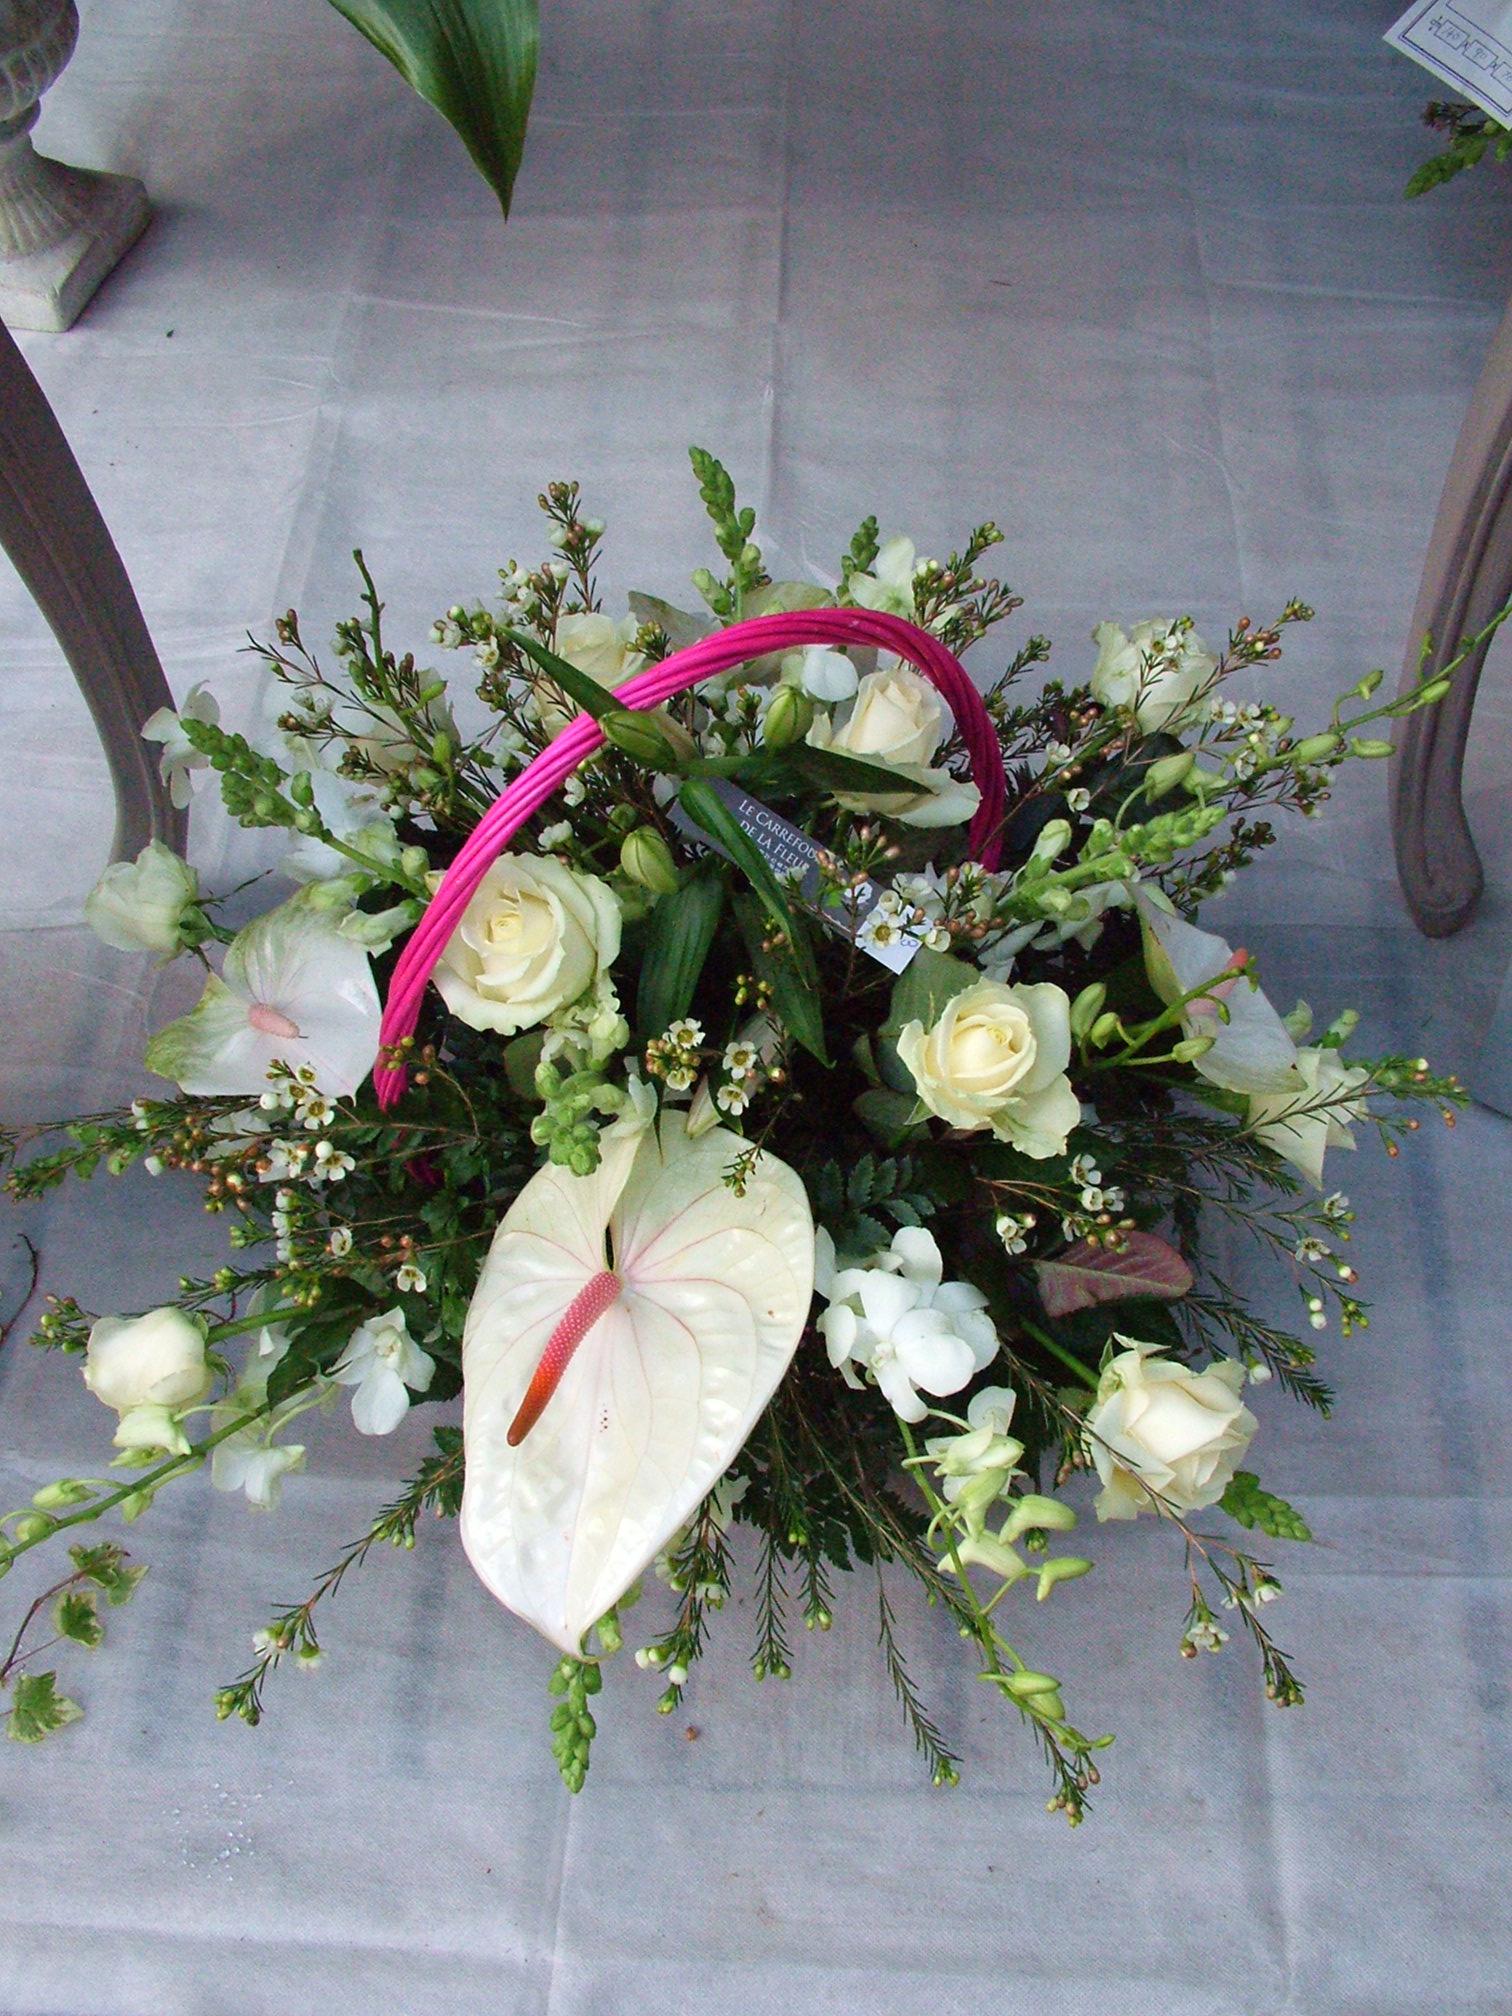 Ou Acheter De La Mousse Pour Piquer Des Fleurs fleuristerie - le carrefour de la fleur